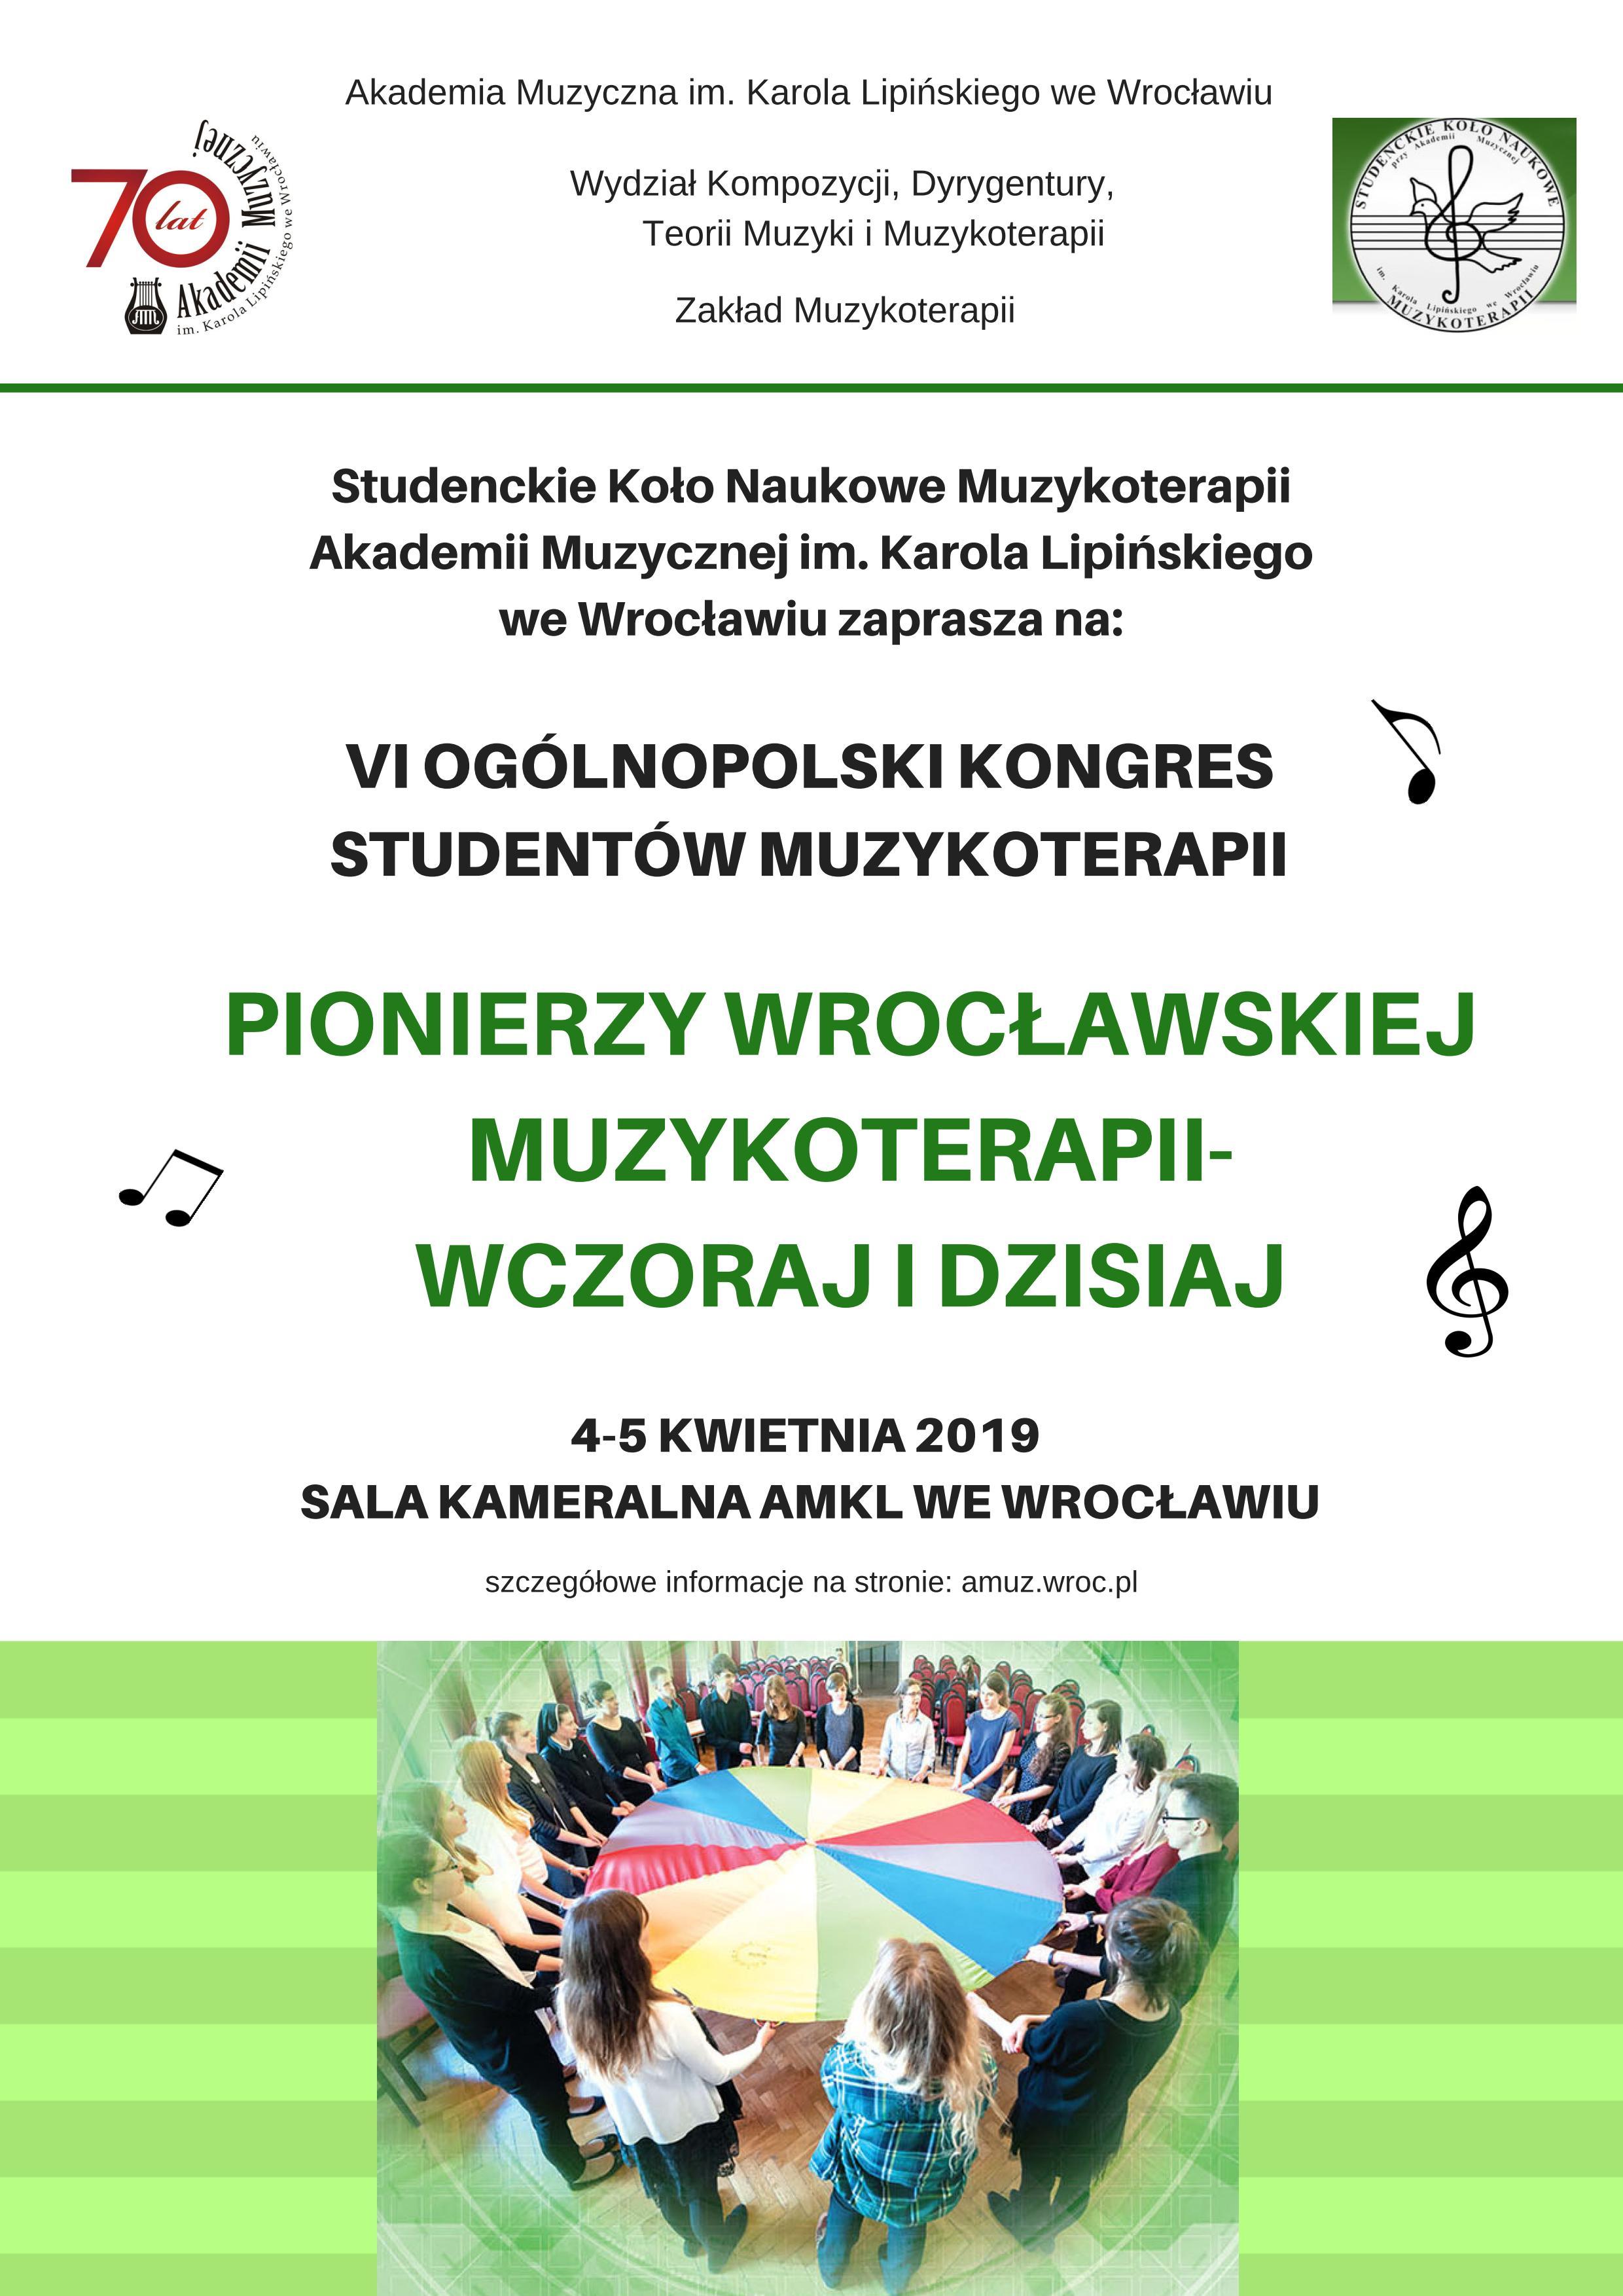 VI Ogólnopolski Kongres Studentów Muzykoterapii: